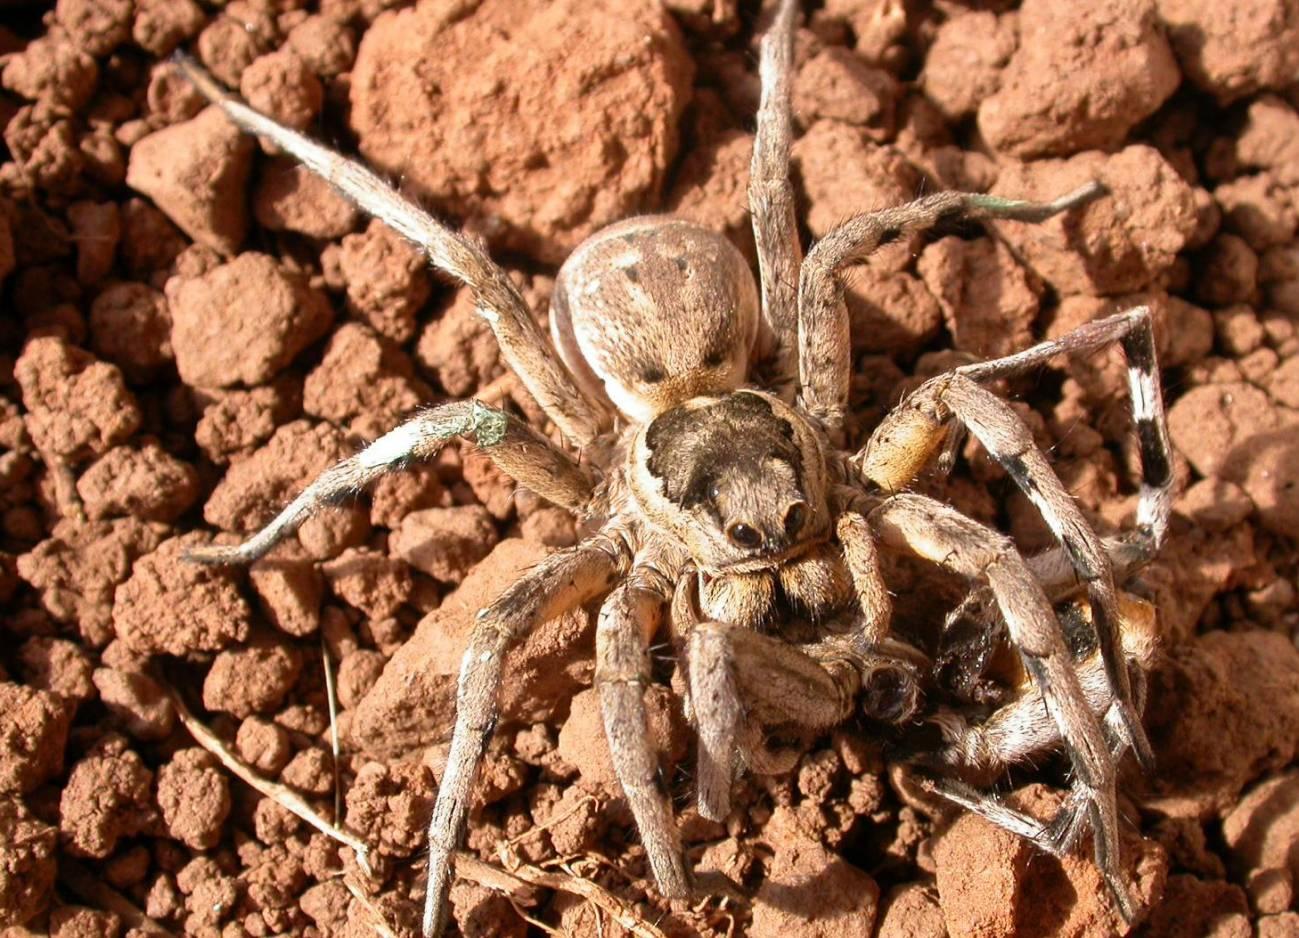 En la imagen se puede observar a la tarántula mediterránea Lycosa hispanica comiéndose al macho. / Eva de Mas